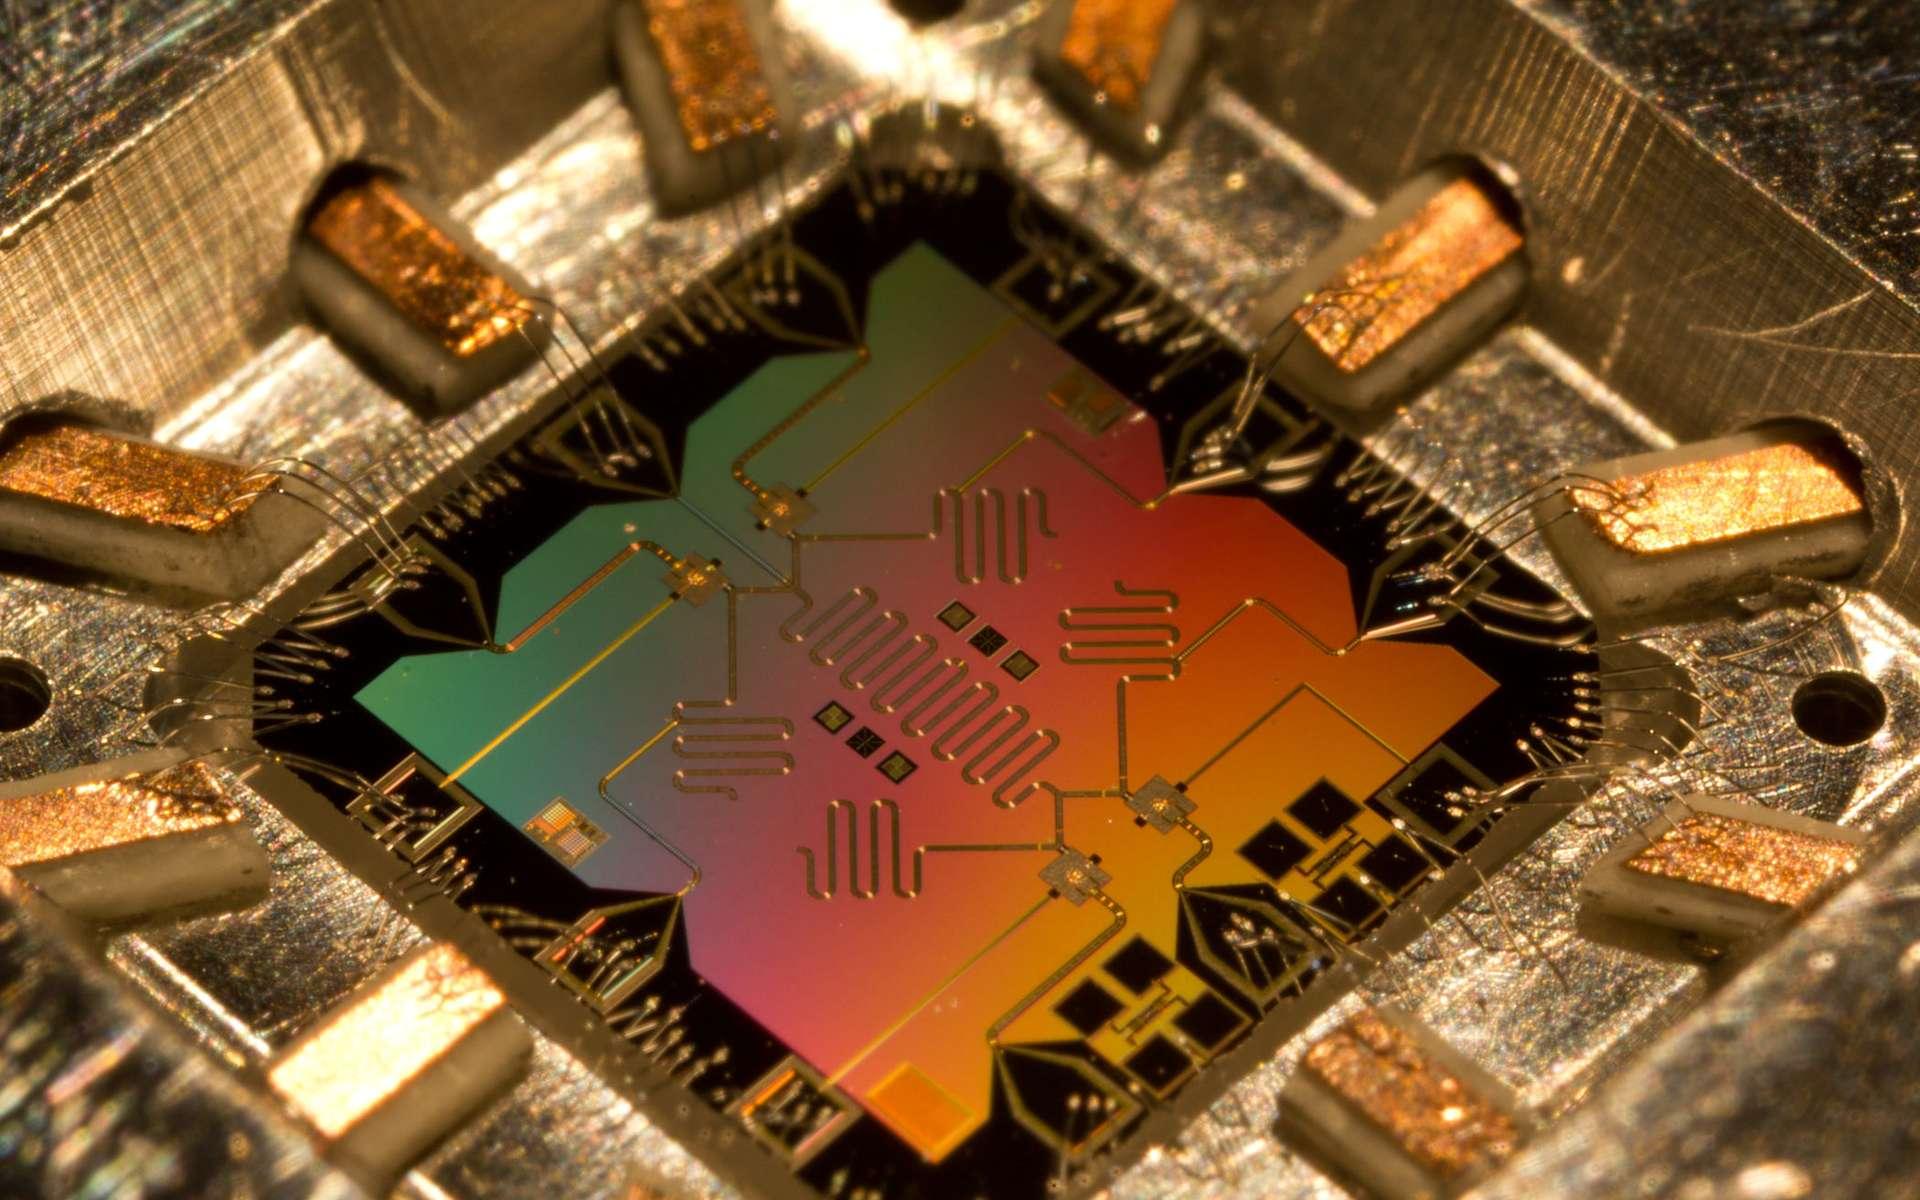 Un exemple de circuit capable de porter des qubits est mis au point par des chercheurs de l'université de Santa Barbara. Ces circuits d'un nouveau genre pourraient permettre la construction d'ordinateurs quantiques. Des composants similaires font l'objet de recherches dans bien des laboratoires dans le monde. © Erick Lucero